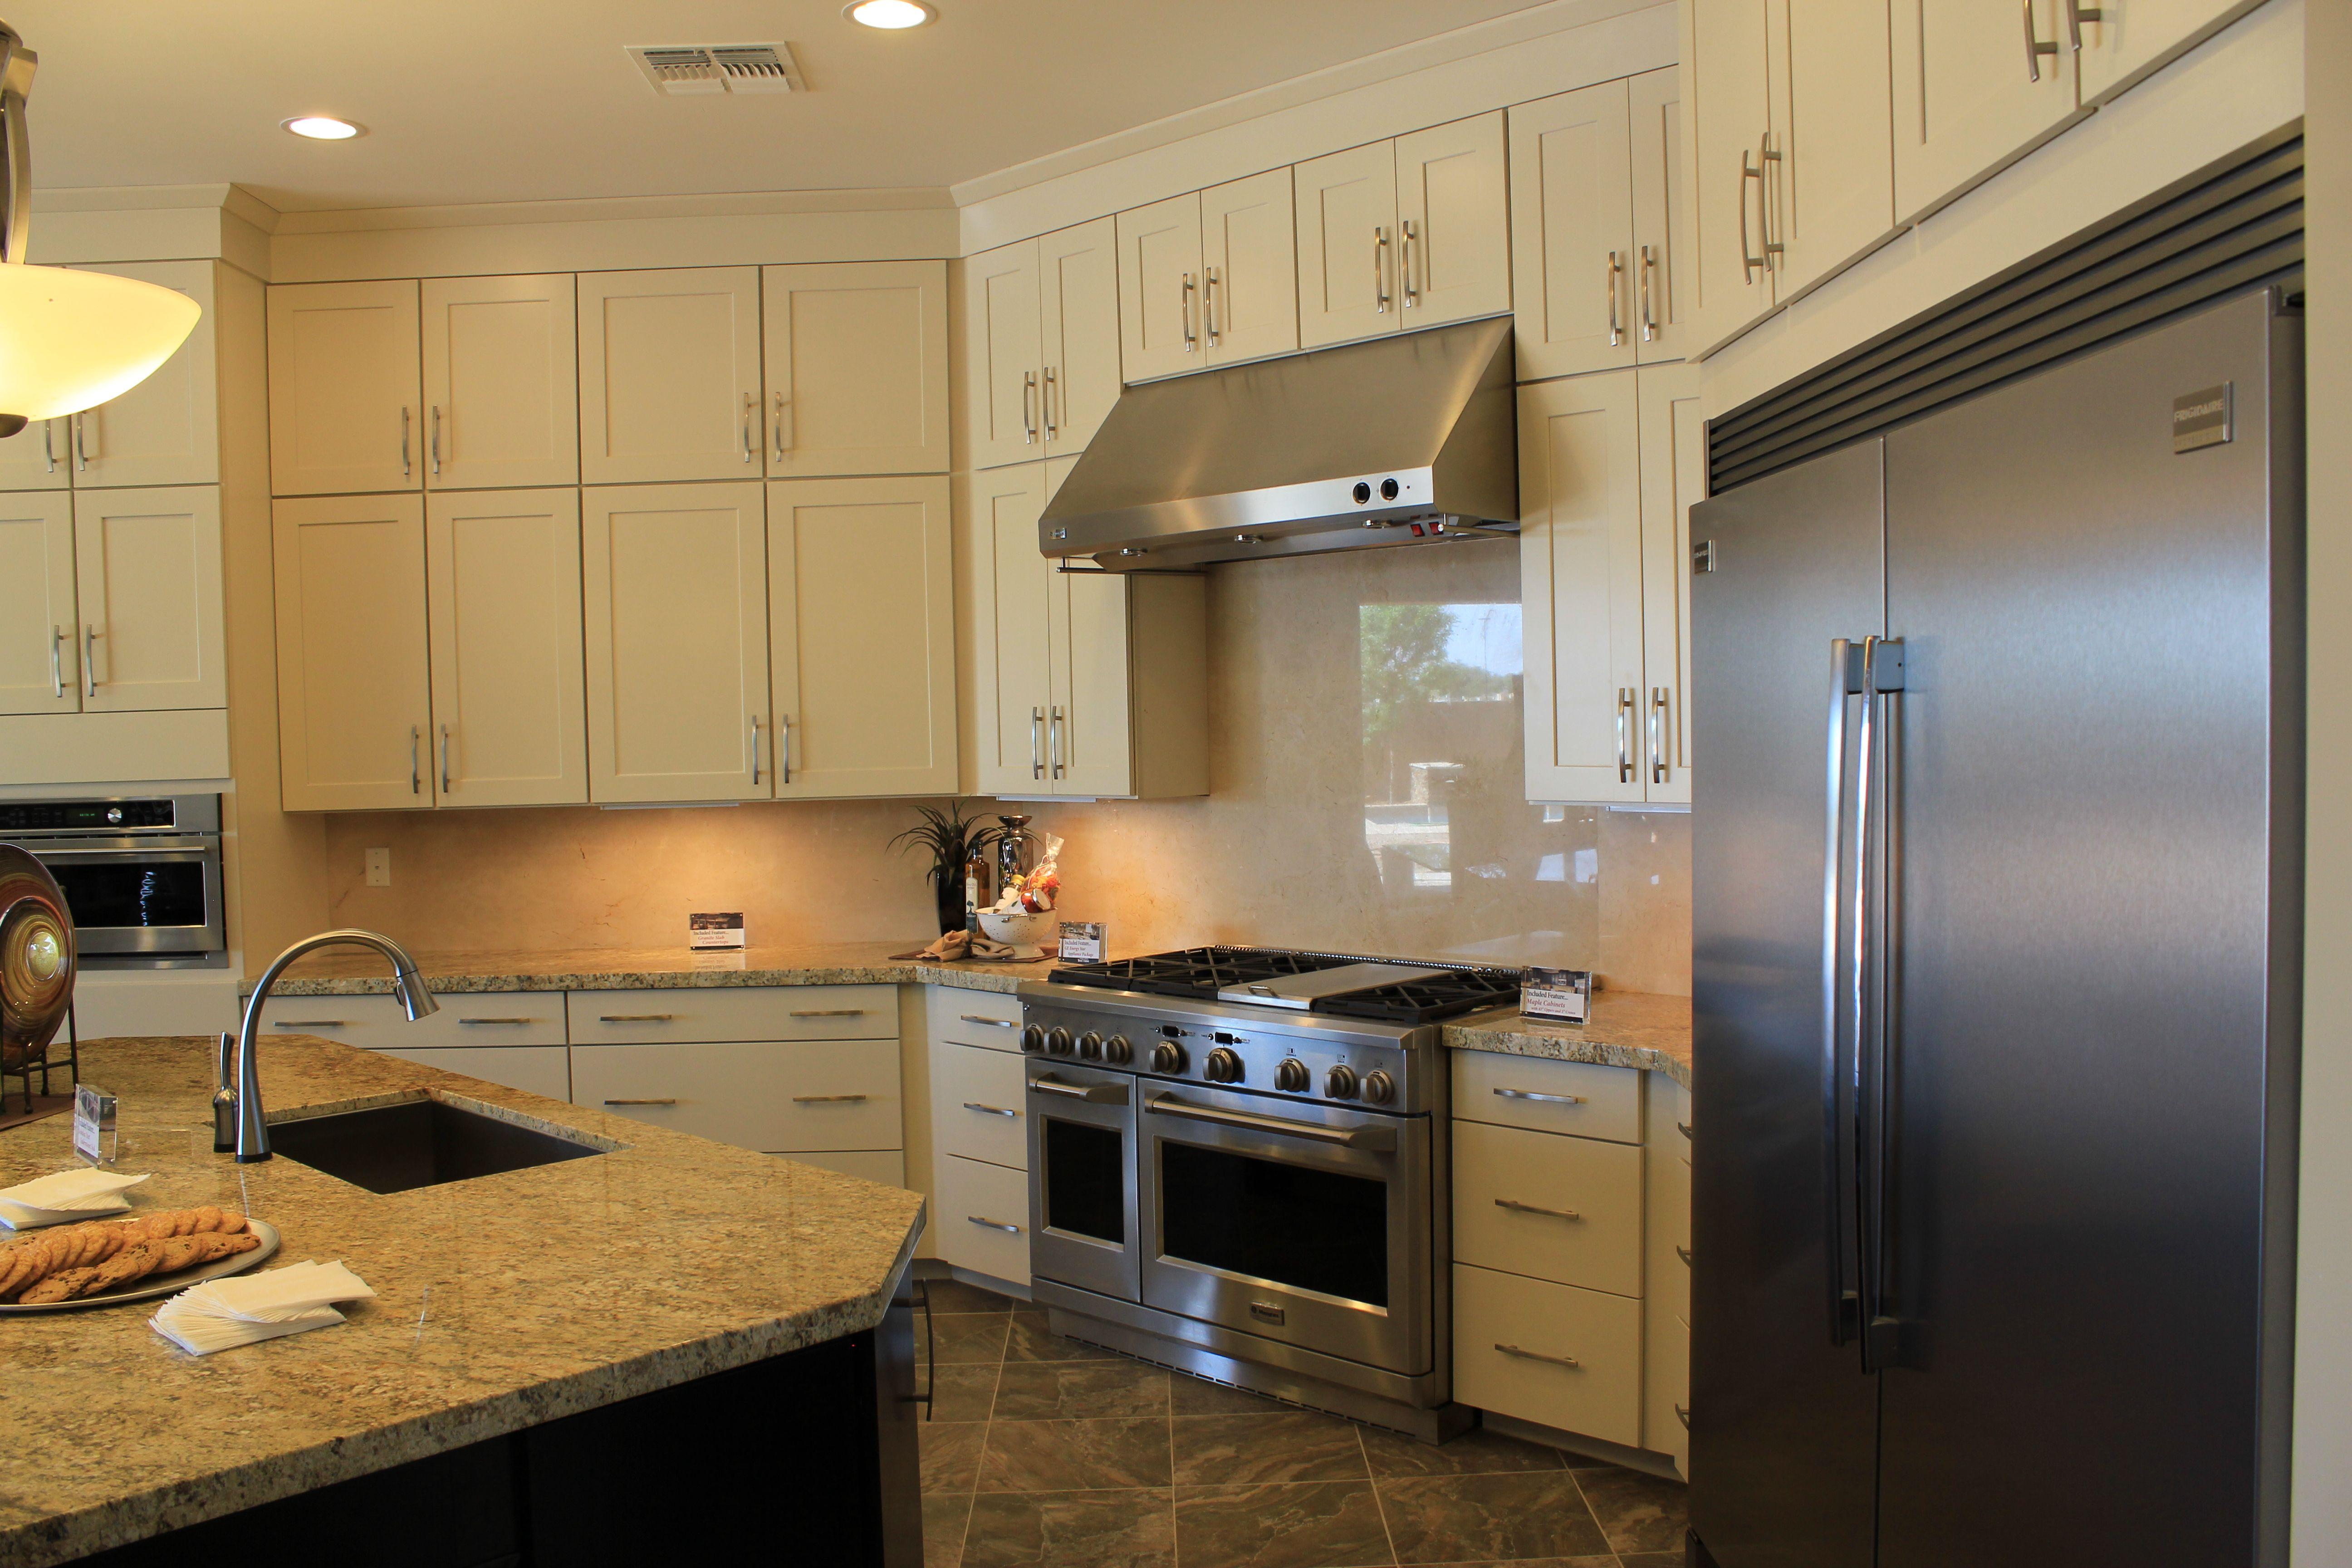 Commercial Grade Kitchen Appliances   Kitchen appliances ...